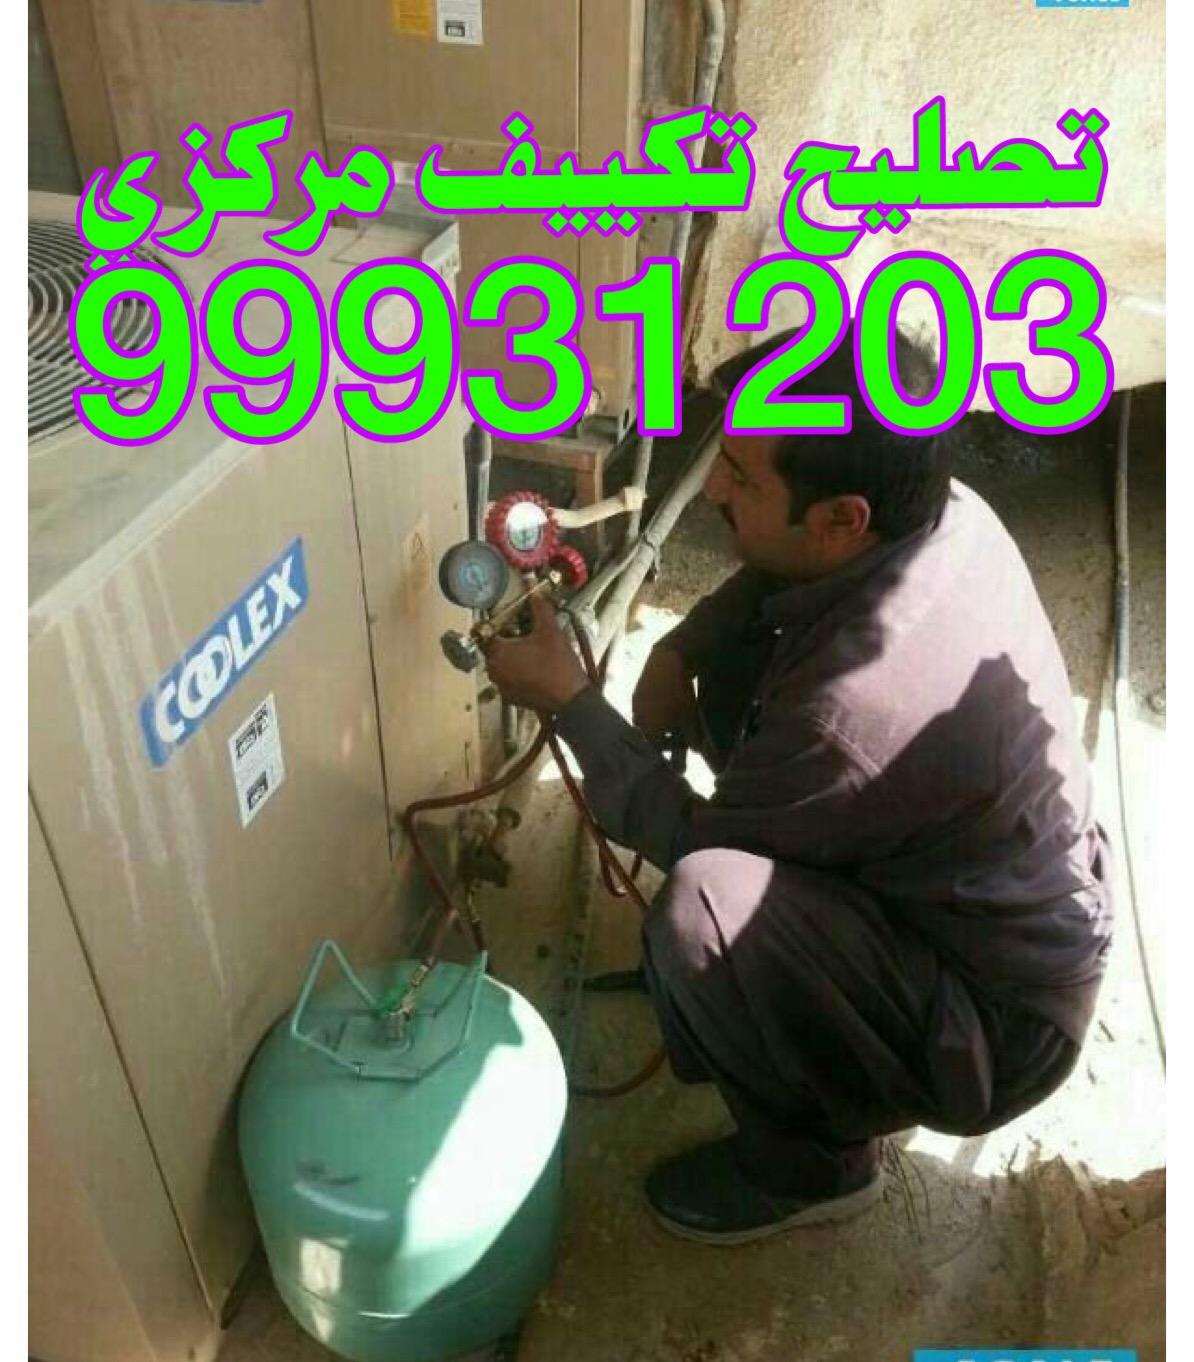 فني تكييف الكويت 99931203 - ماجيك كويت